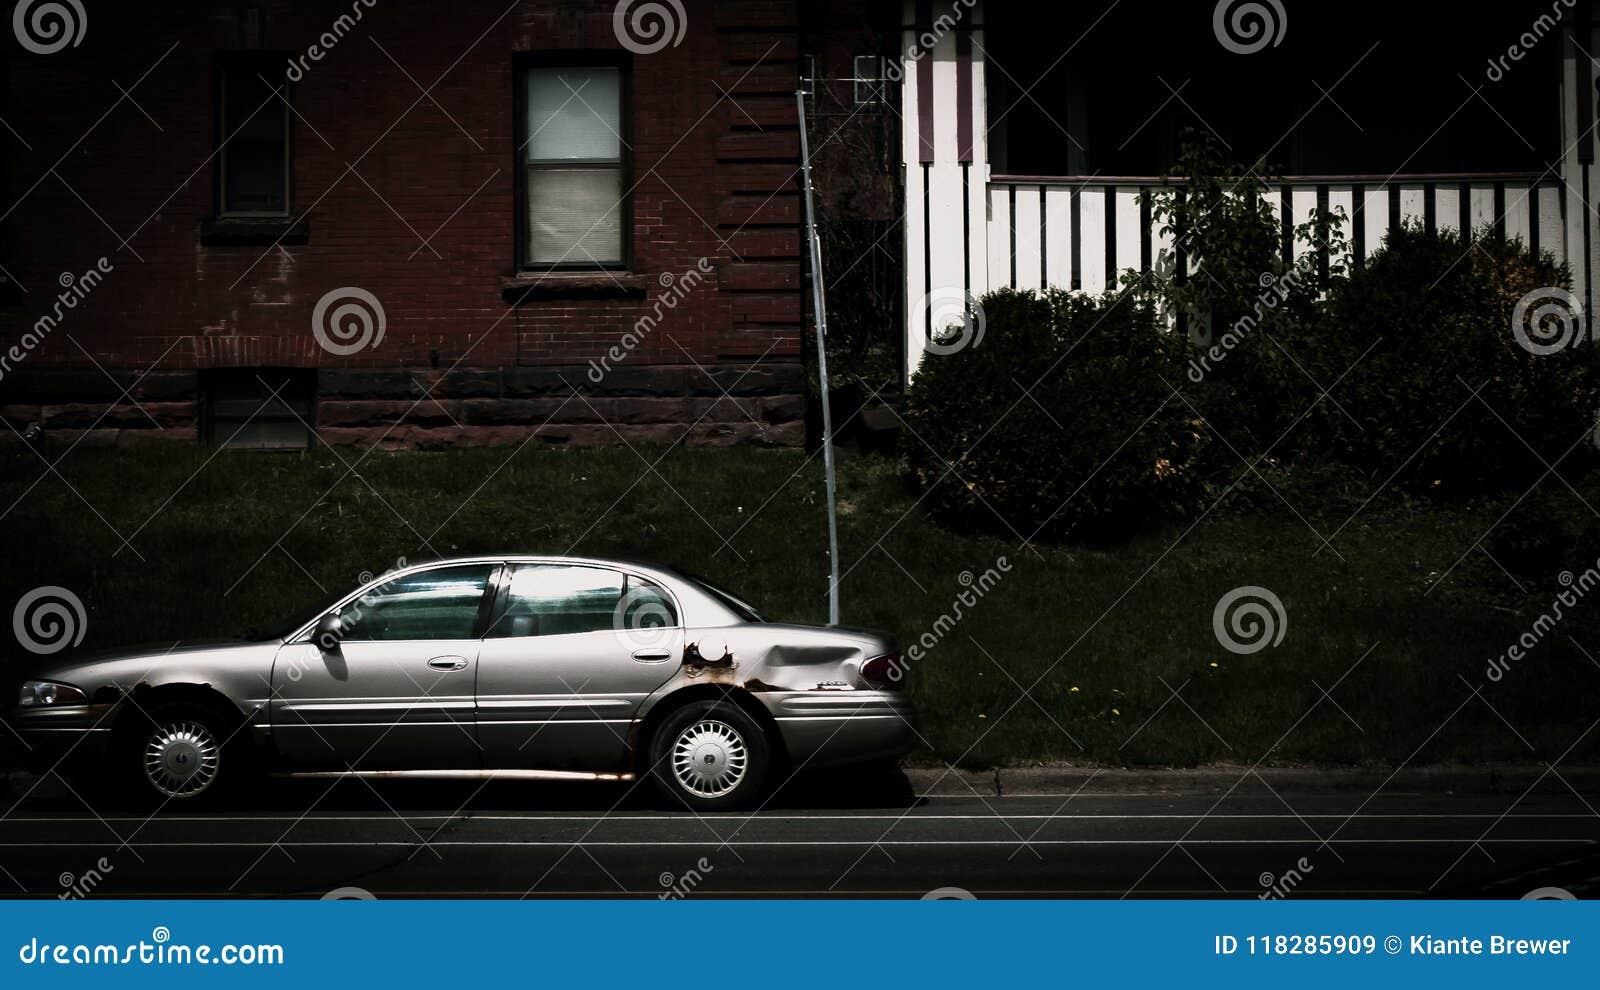 La voiture a garé sur la rue contre deux immeubles